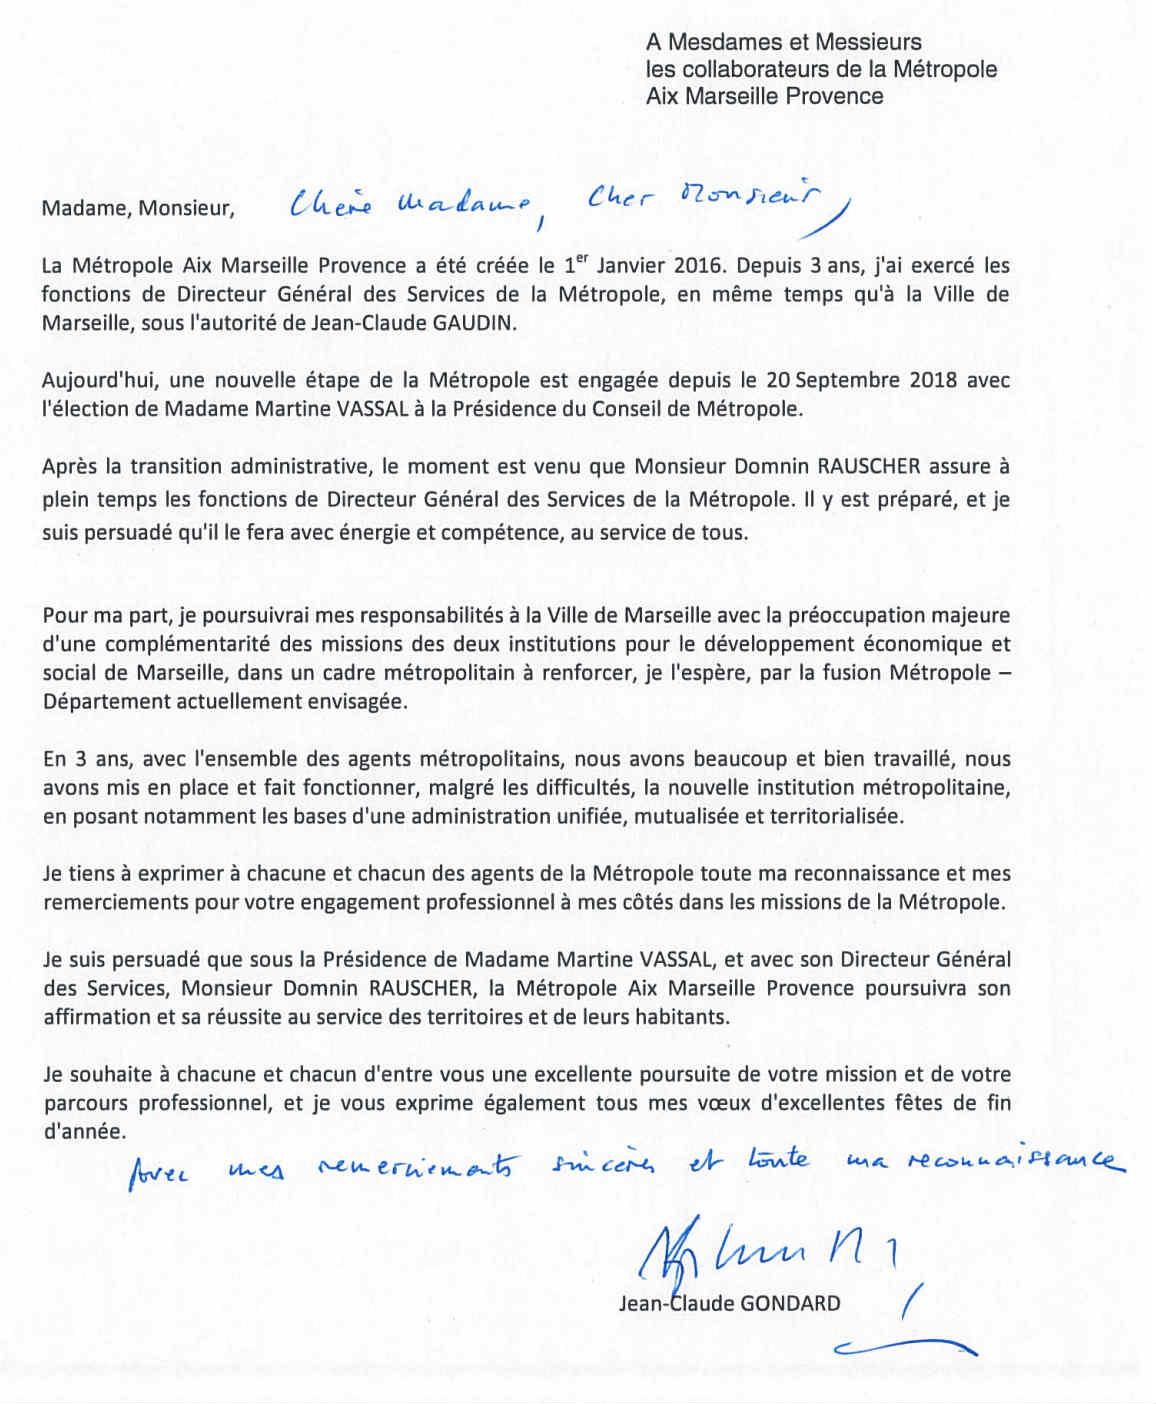 Jean Claude Gondard Quitte Ses Fonctions De Dgs De La